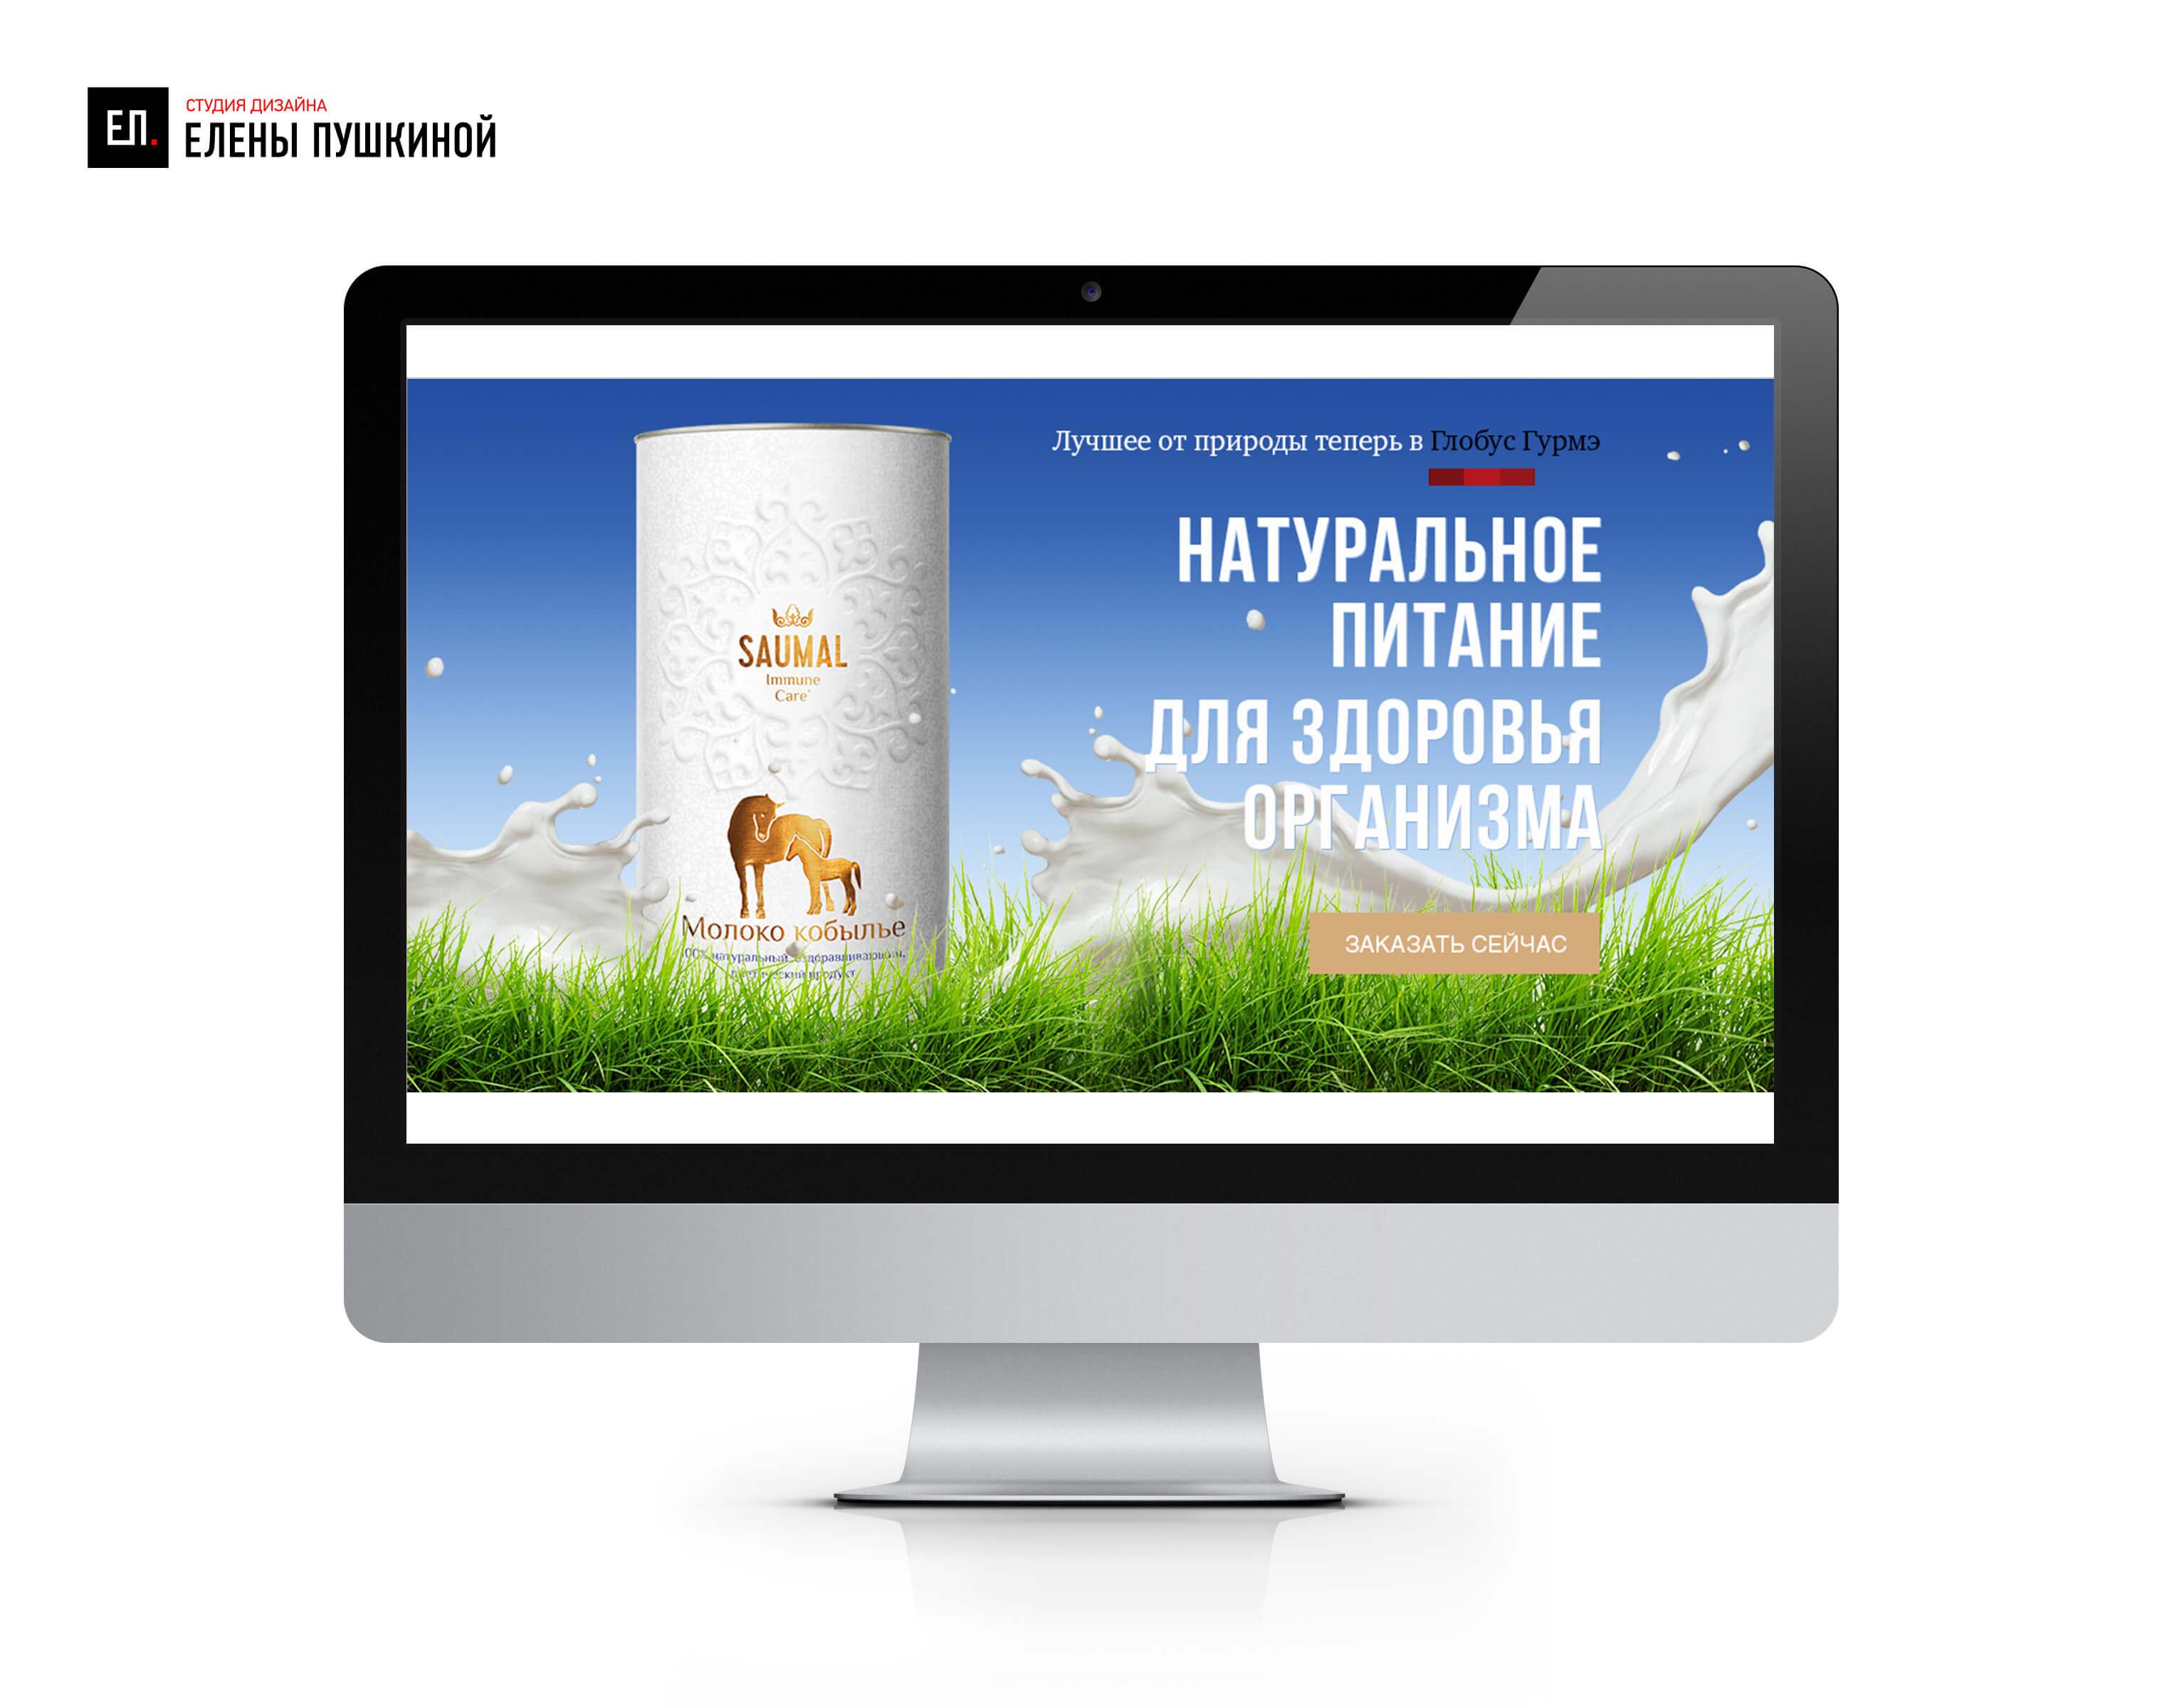 Веб-баннер №4 дляРК производителя кобыльего молока «SAUMAL»— разработка дизайна баннера Баннеры для сайта Портфолио